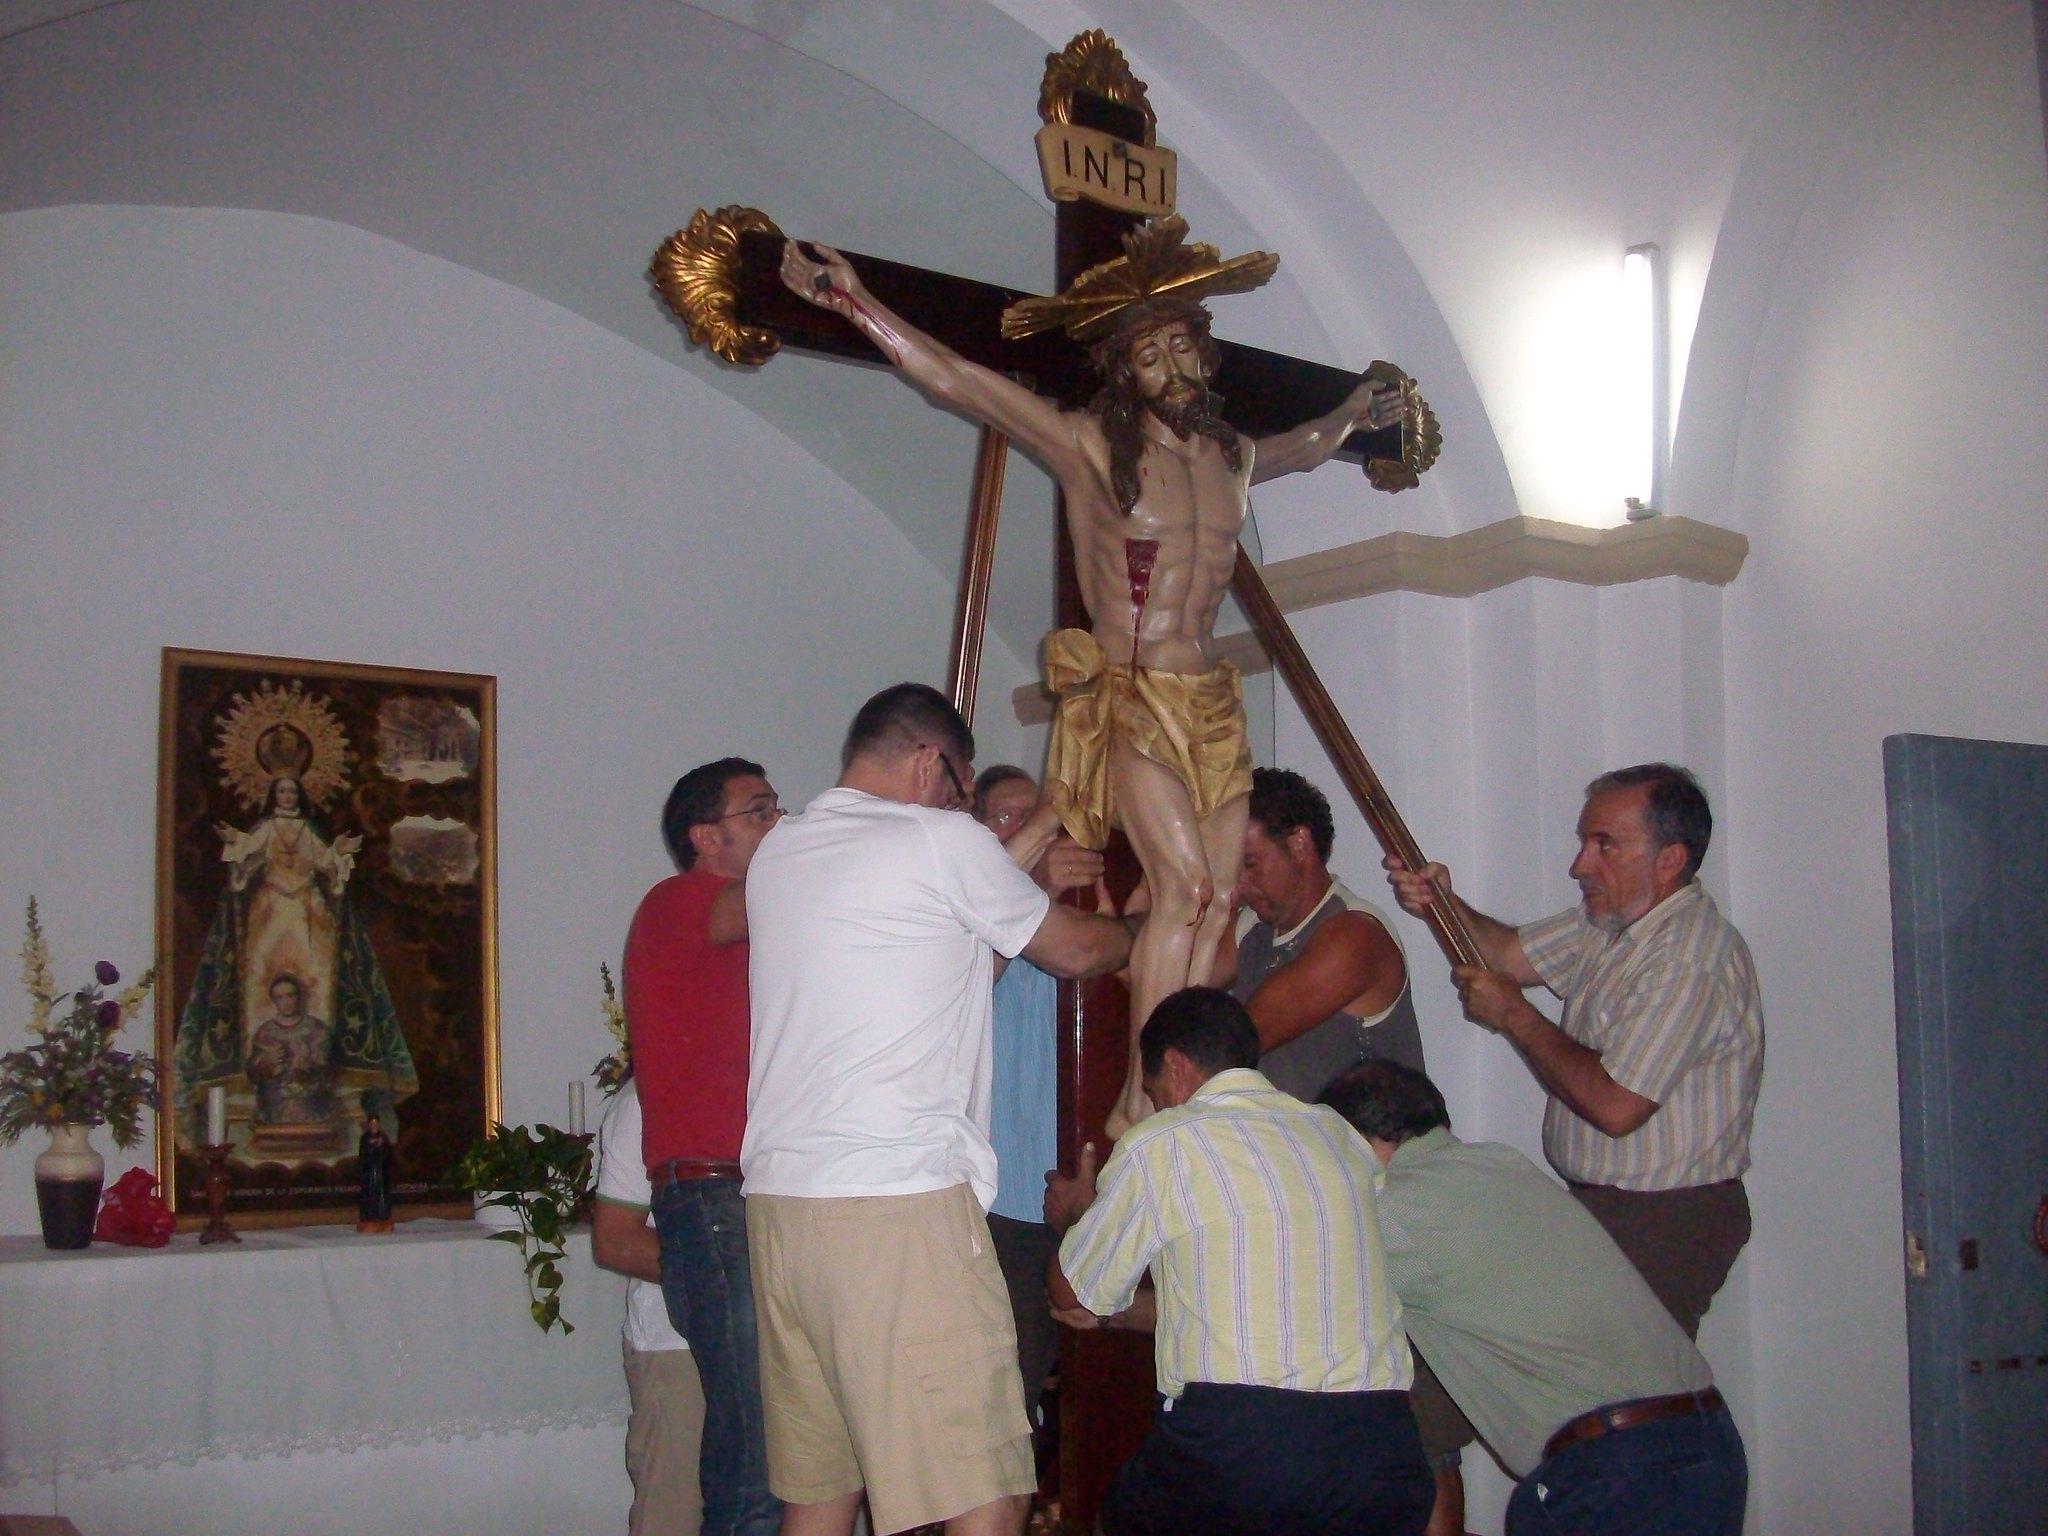 (2010-06-22) - Preparativos Imagen - Javier Romero Ripoll - (07)